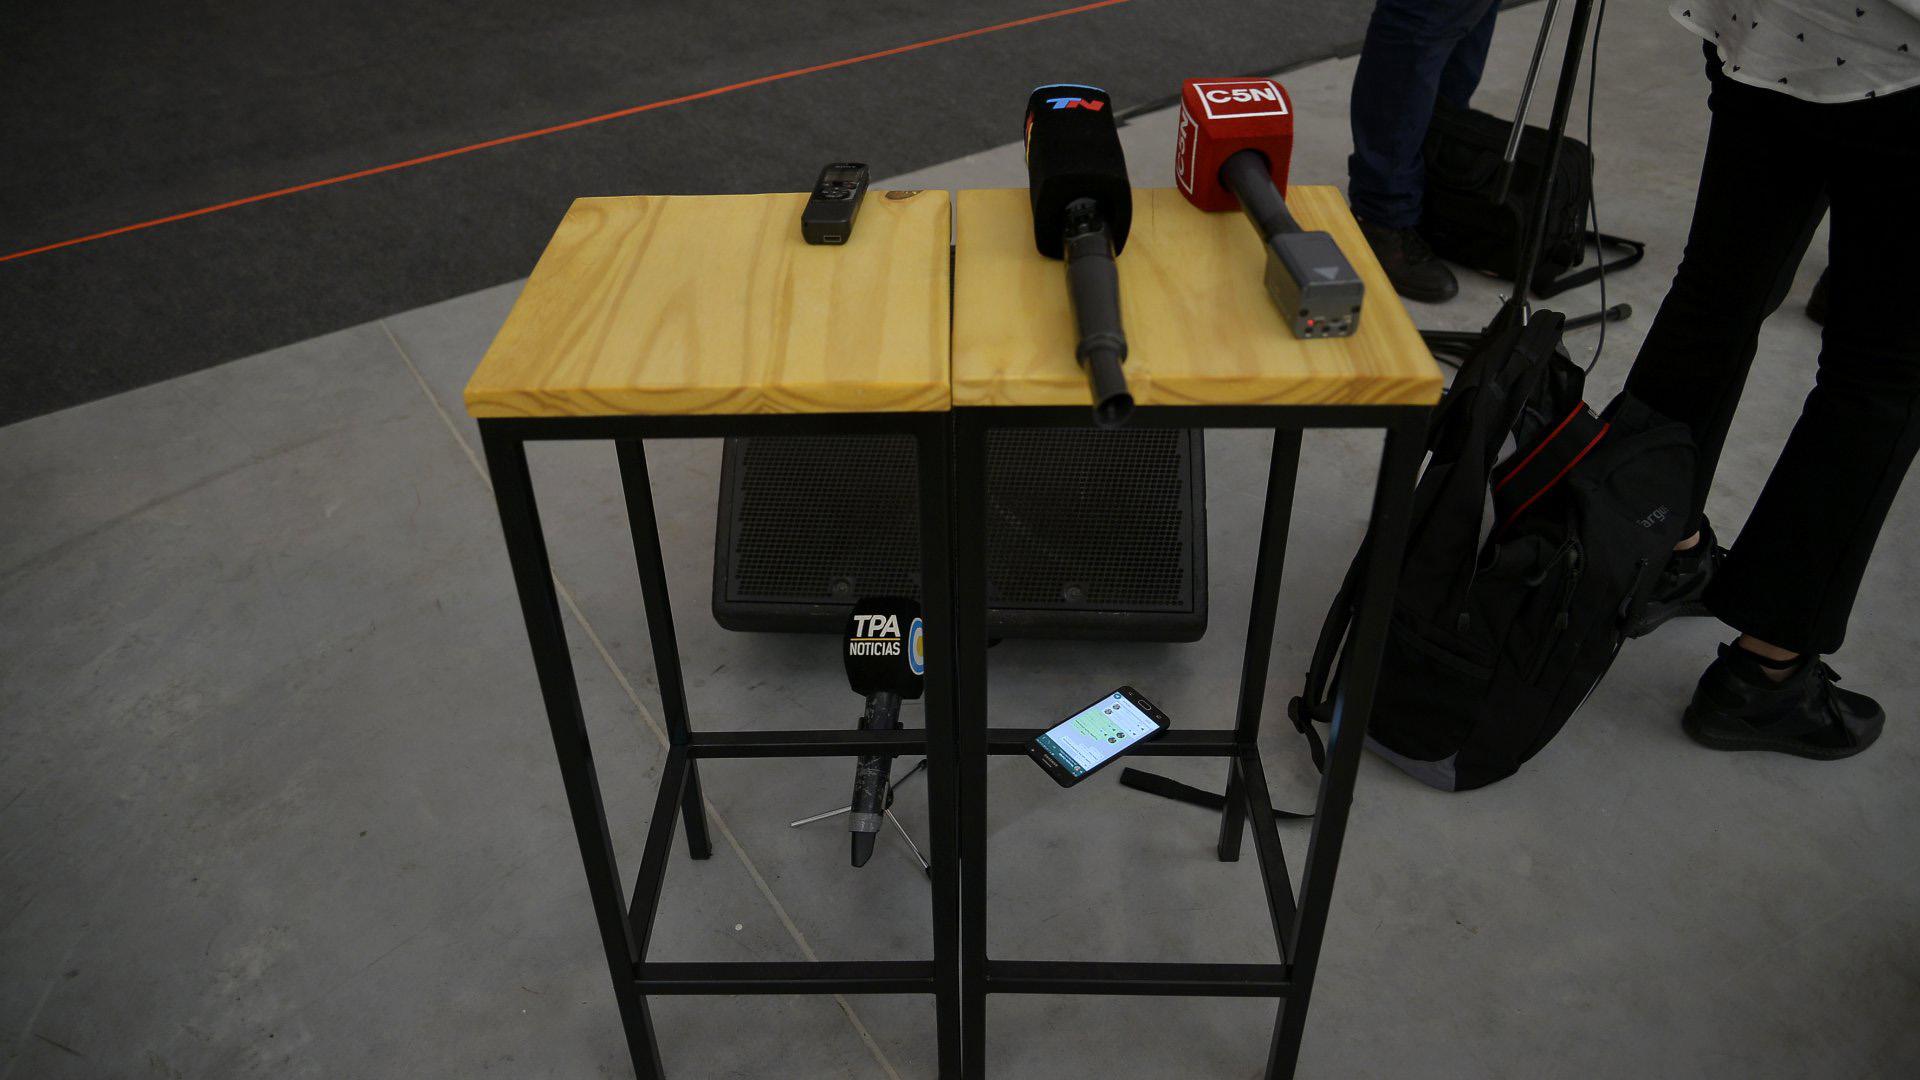 Micrófonos de los canales TN, C5N y la TV Pública